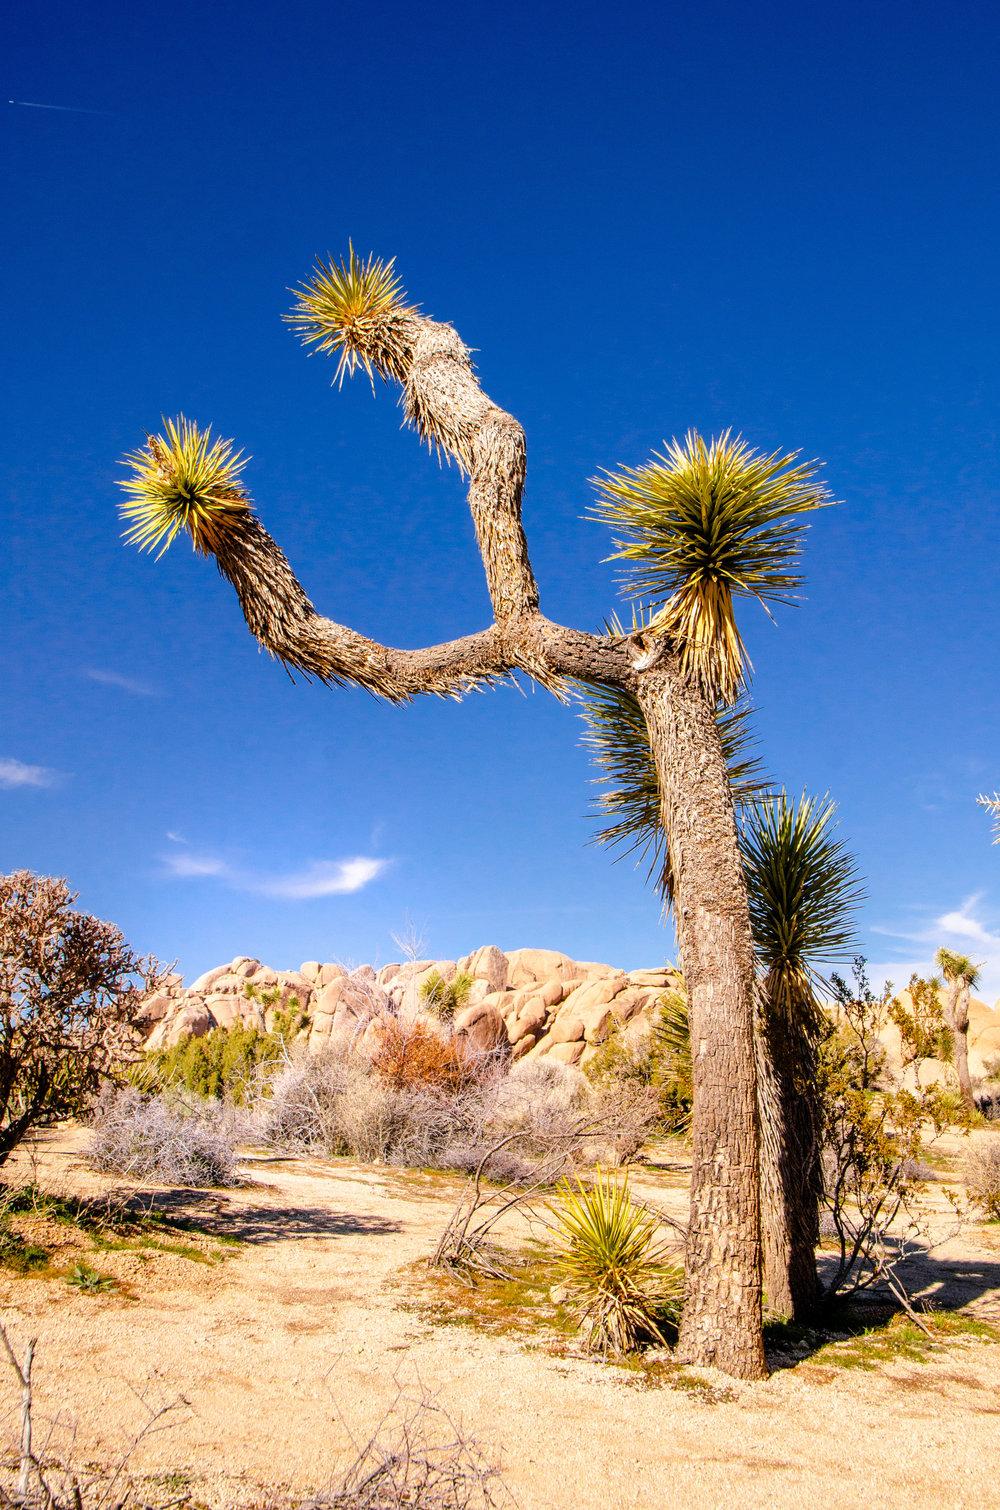 Joshua National Tree, CA